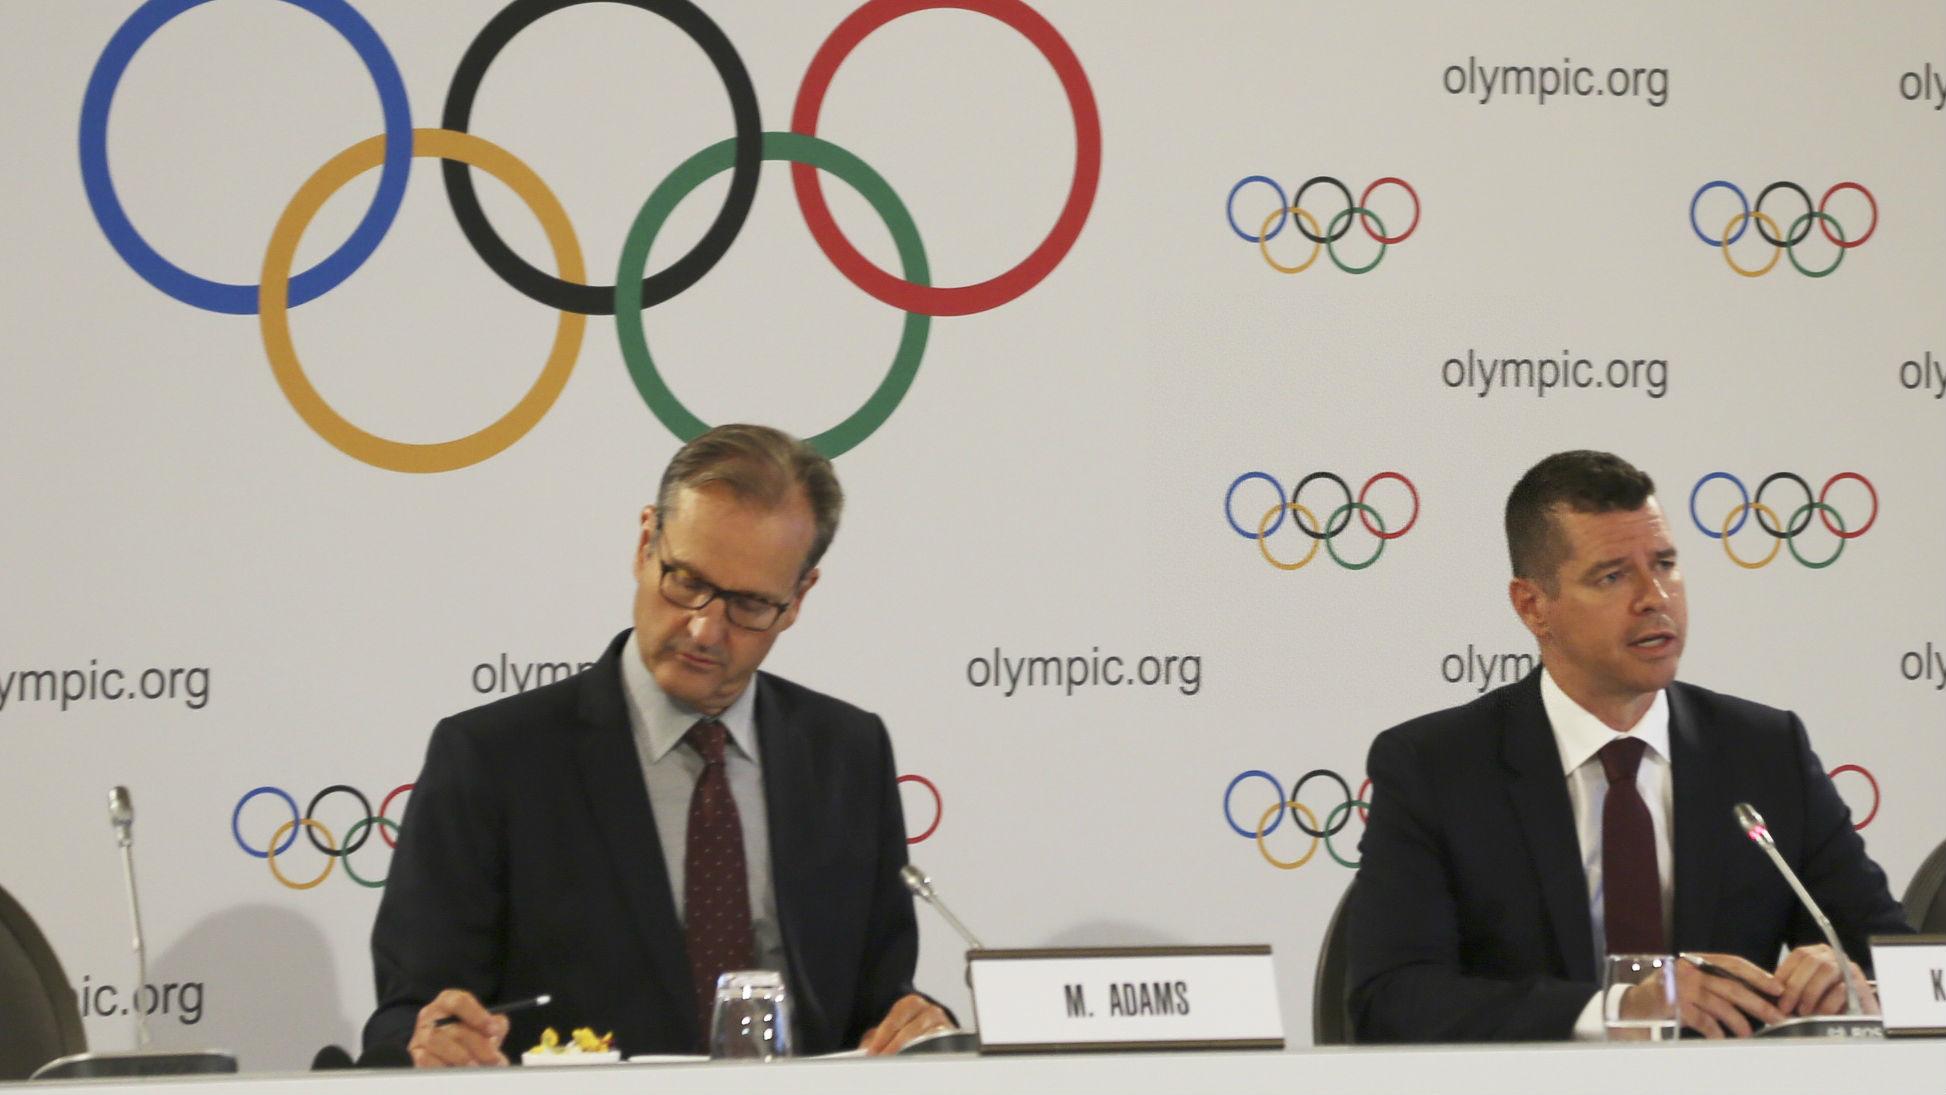 新增7小项促男女平等 北京冬奥女选手比例将创新高